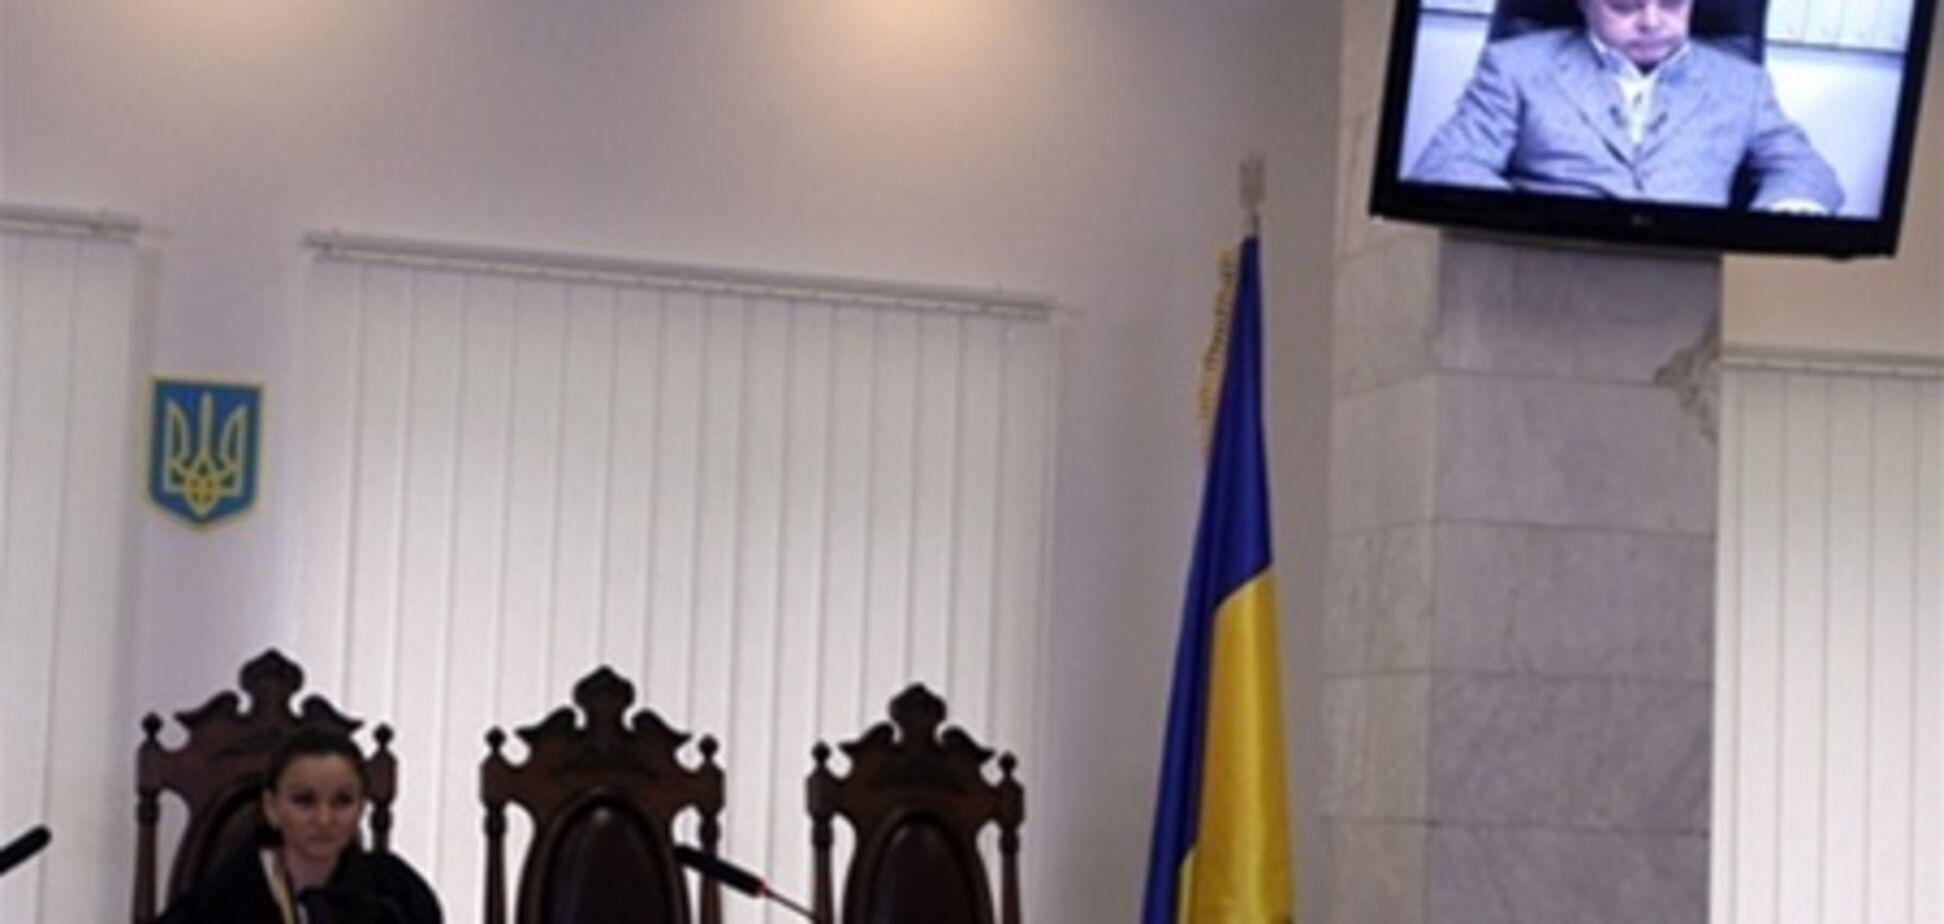 Кириченко: все мои показания правдивы